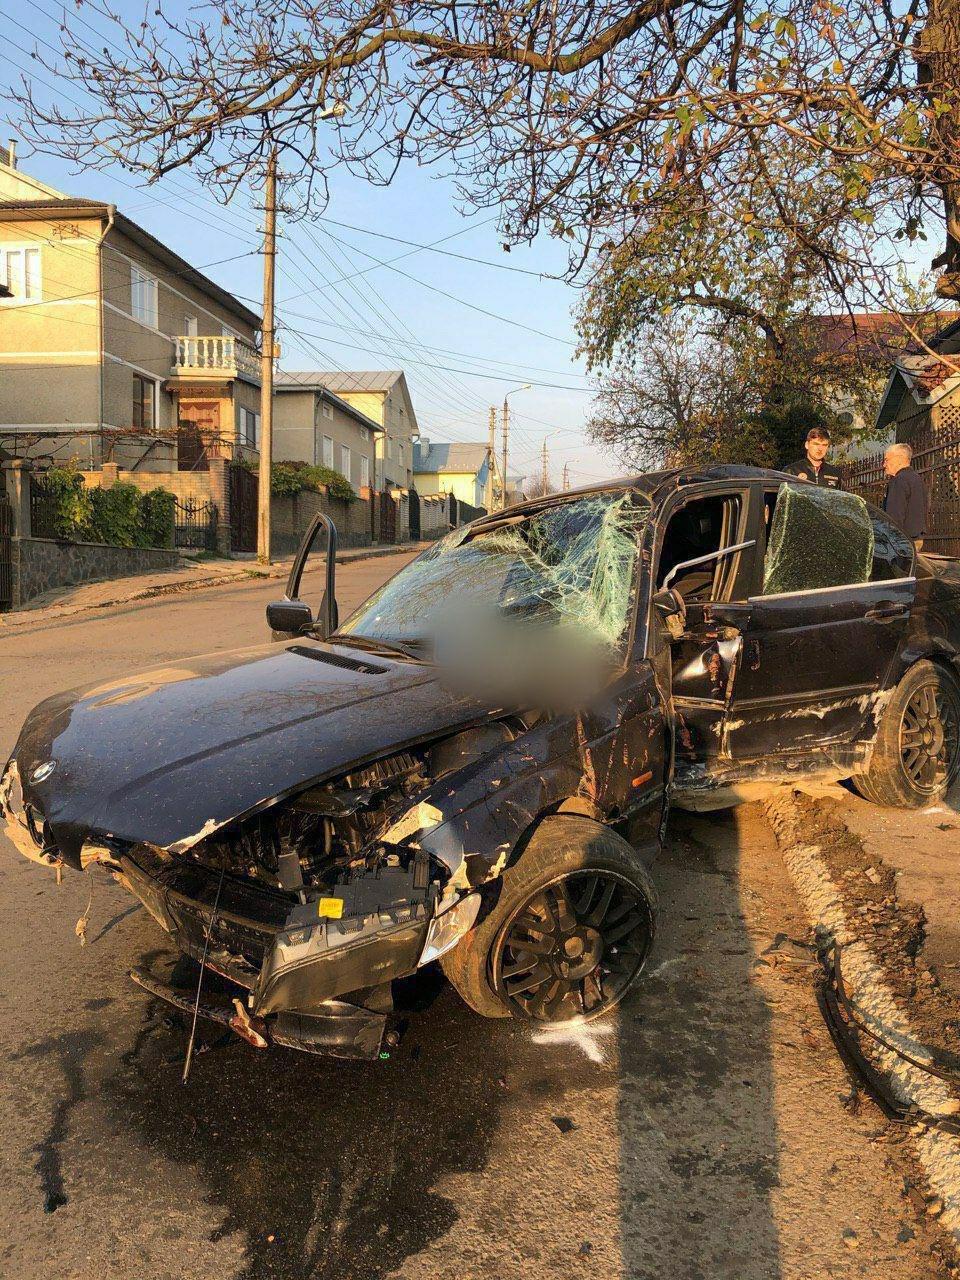 П'яний водій у Чернівцях розтрощив BMW об огорожу - ФОТО, фото-2